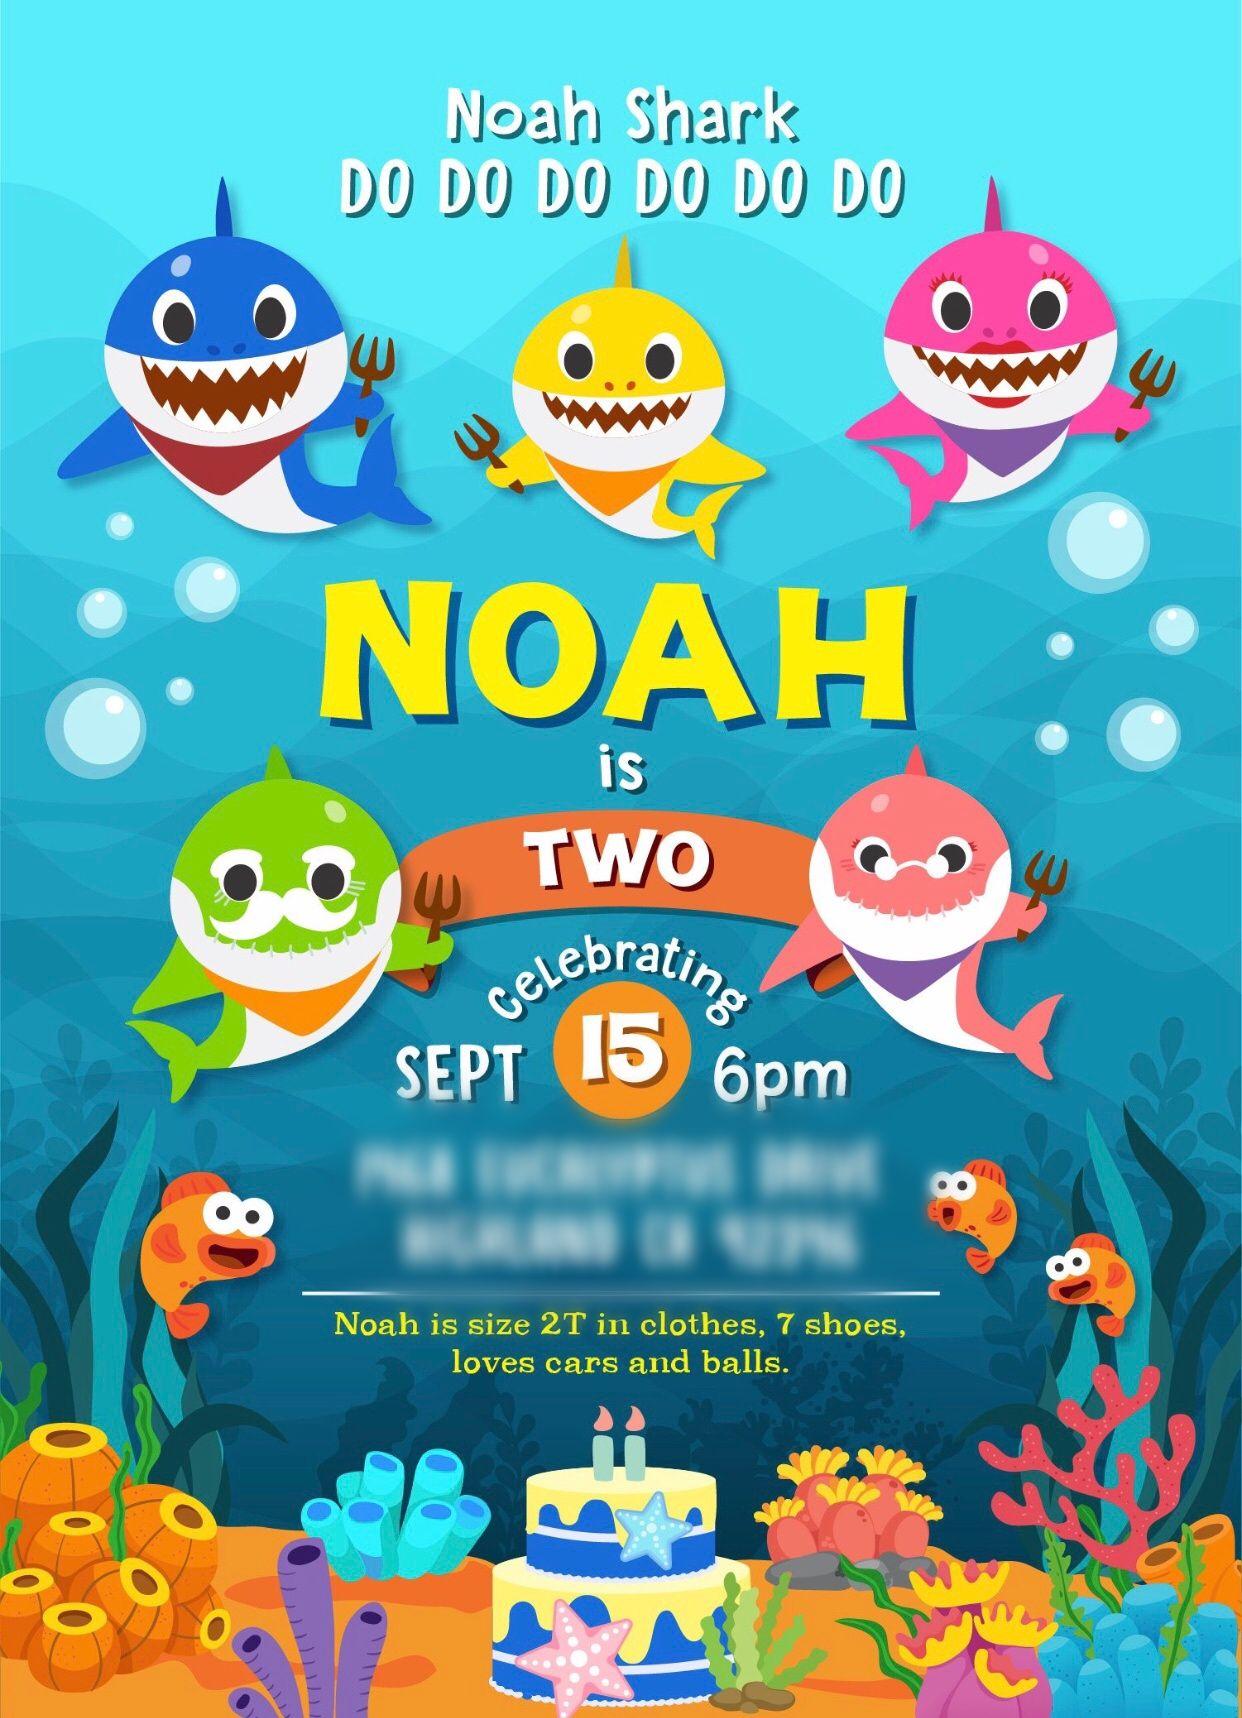 Baby Shark Invitation Shark Birthday Party Invitation Shark Theme Birthday Shark Birthday Invitations